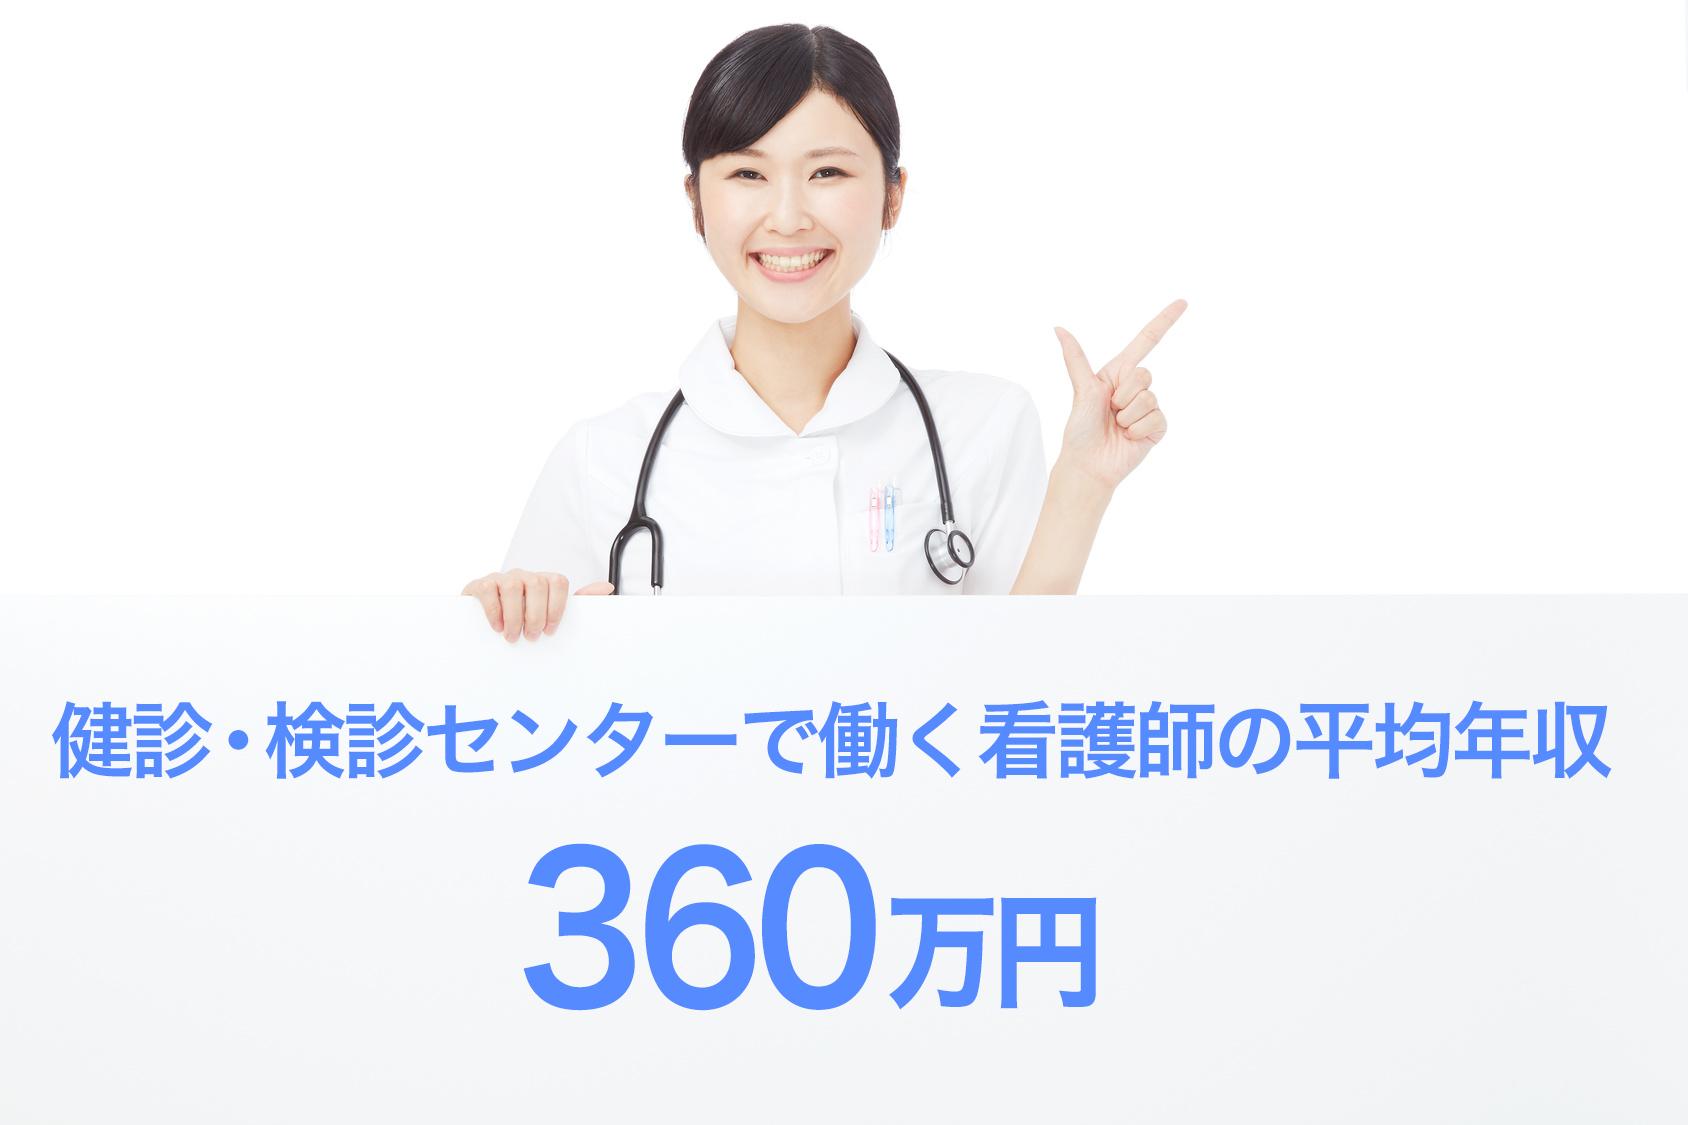 健診・検診センターで働く看護師の平均年収